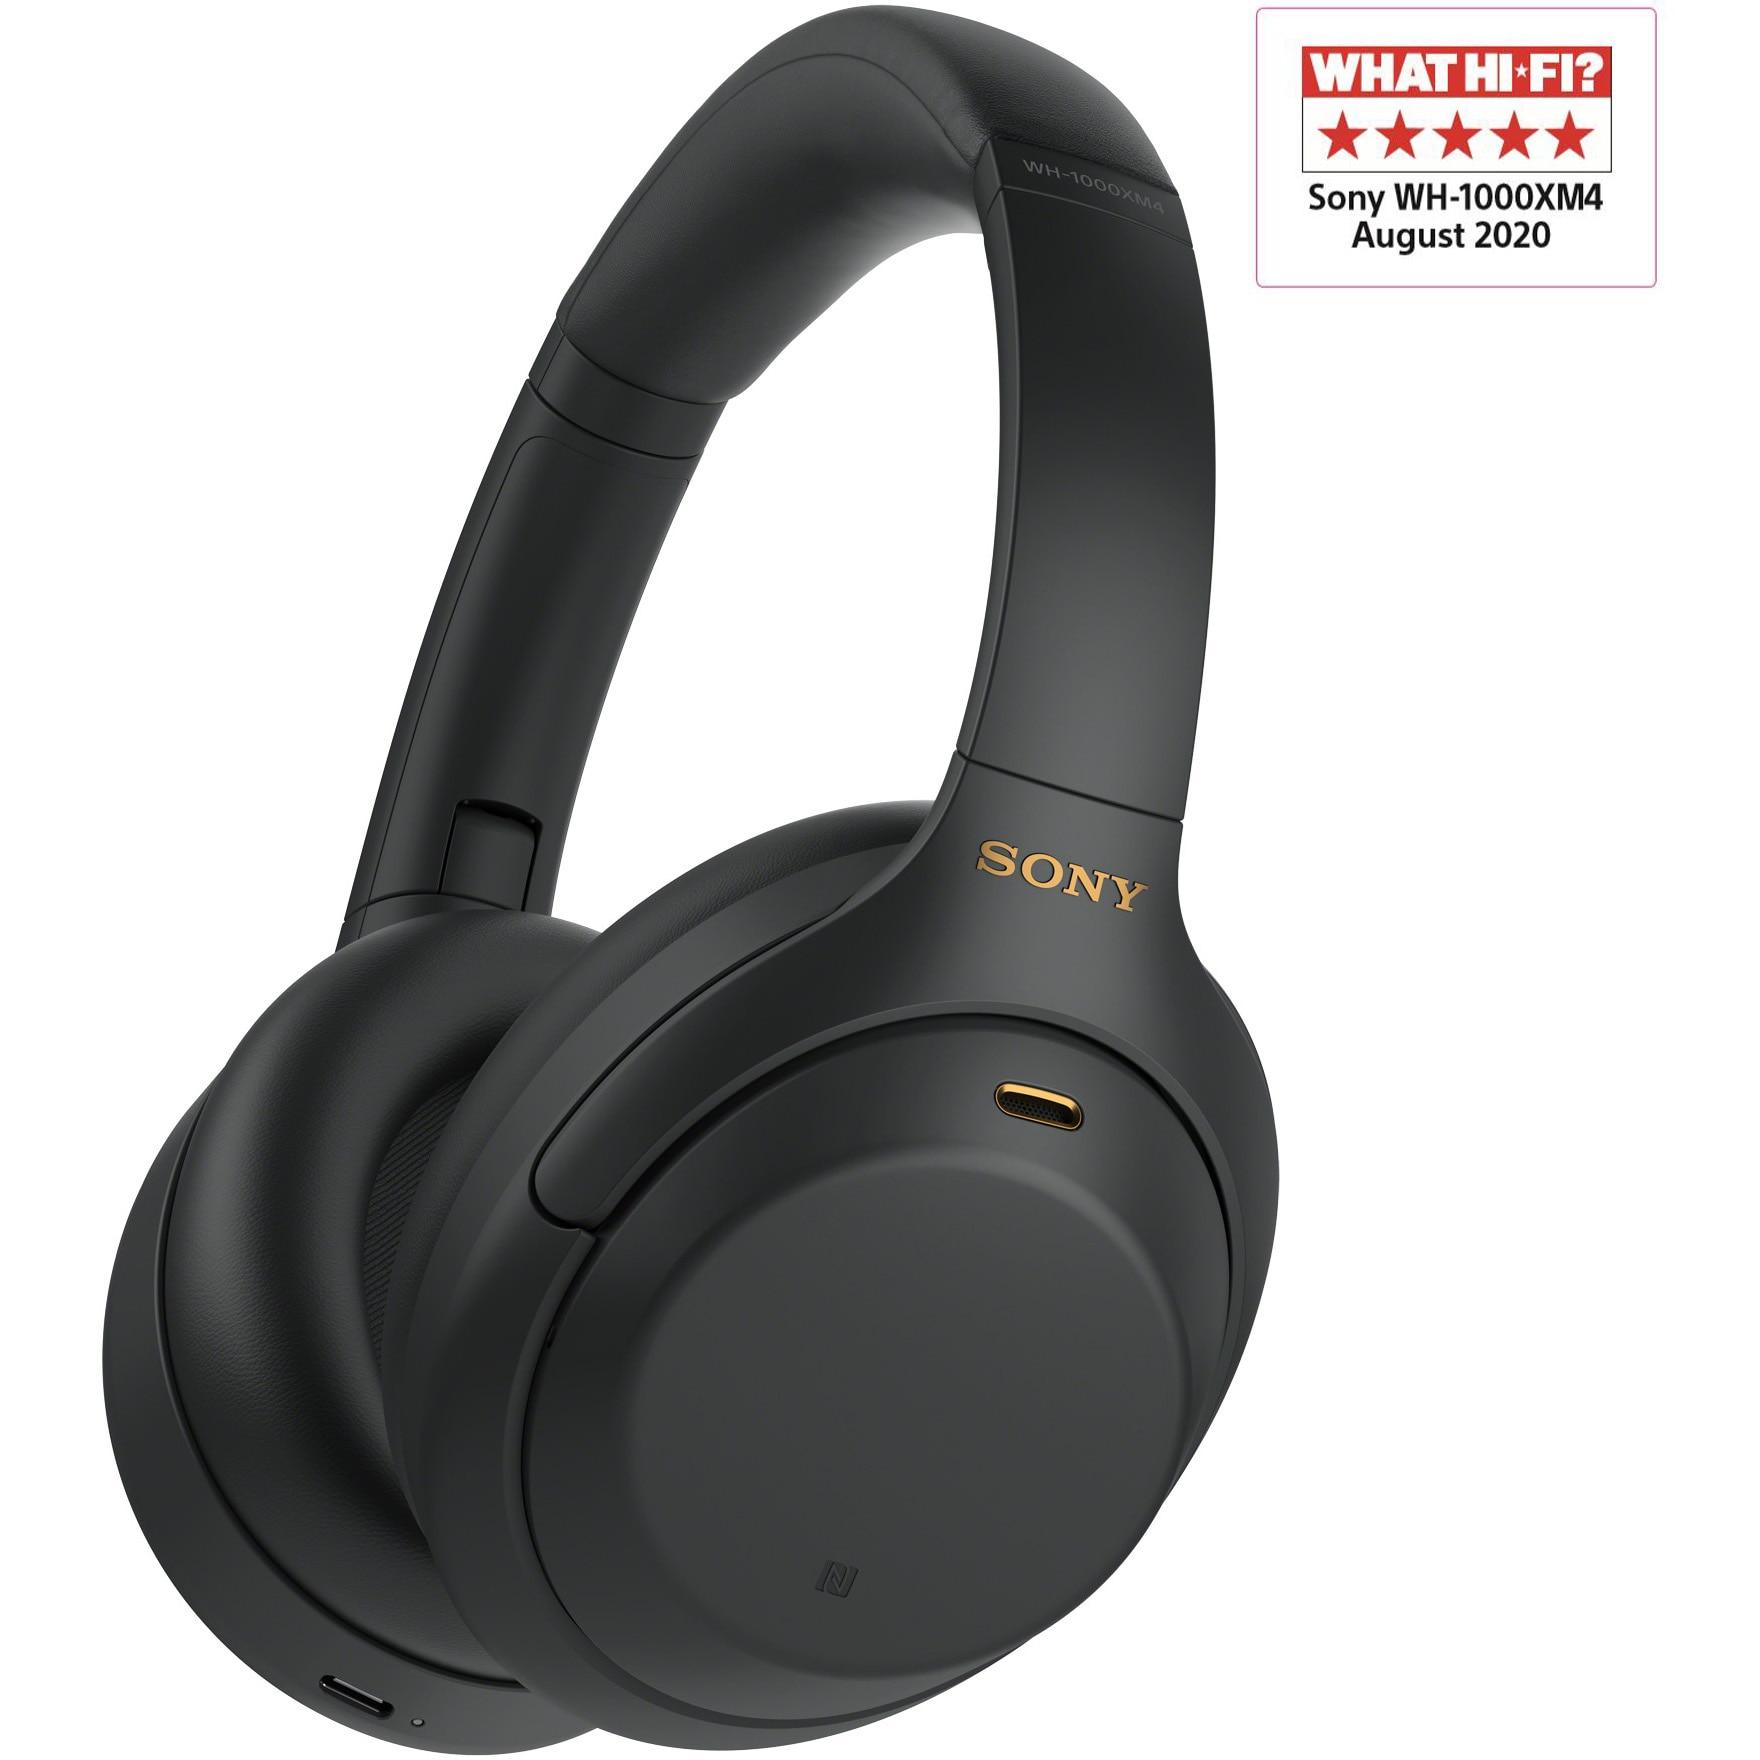 Fotografie Casti Sony WH-1000XM4, Noise canceling, 30 ore de autonomie, Alexa si Google Assistant, Negru